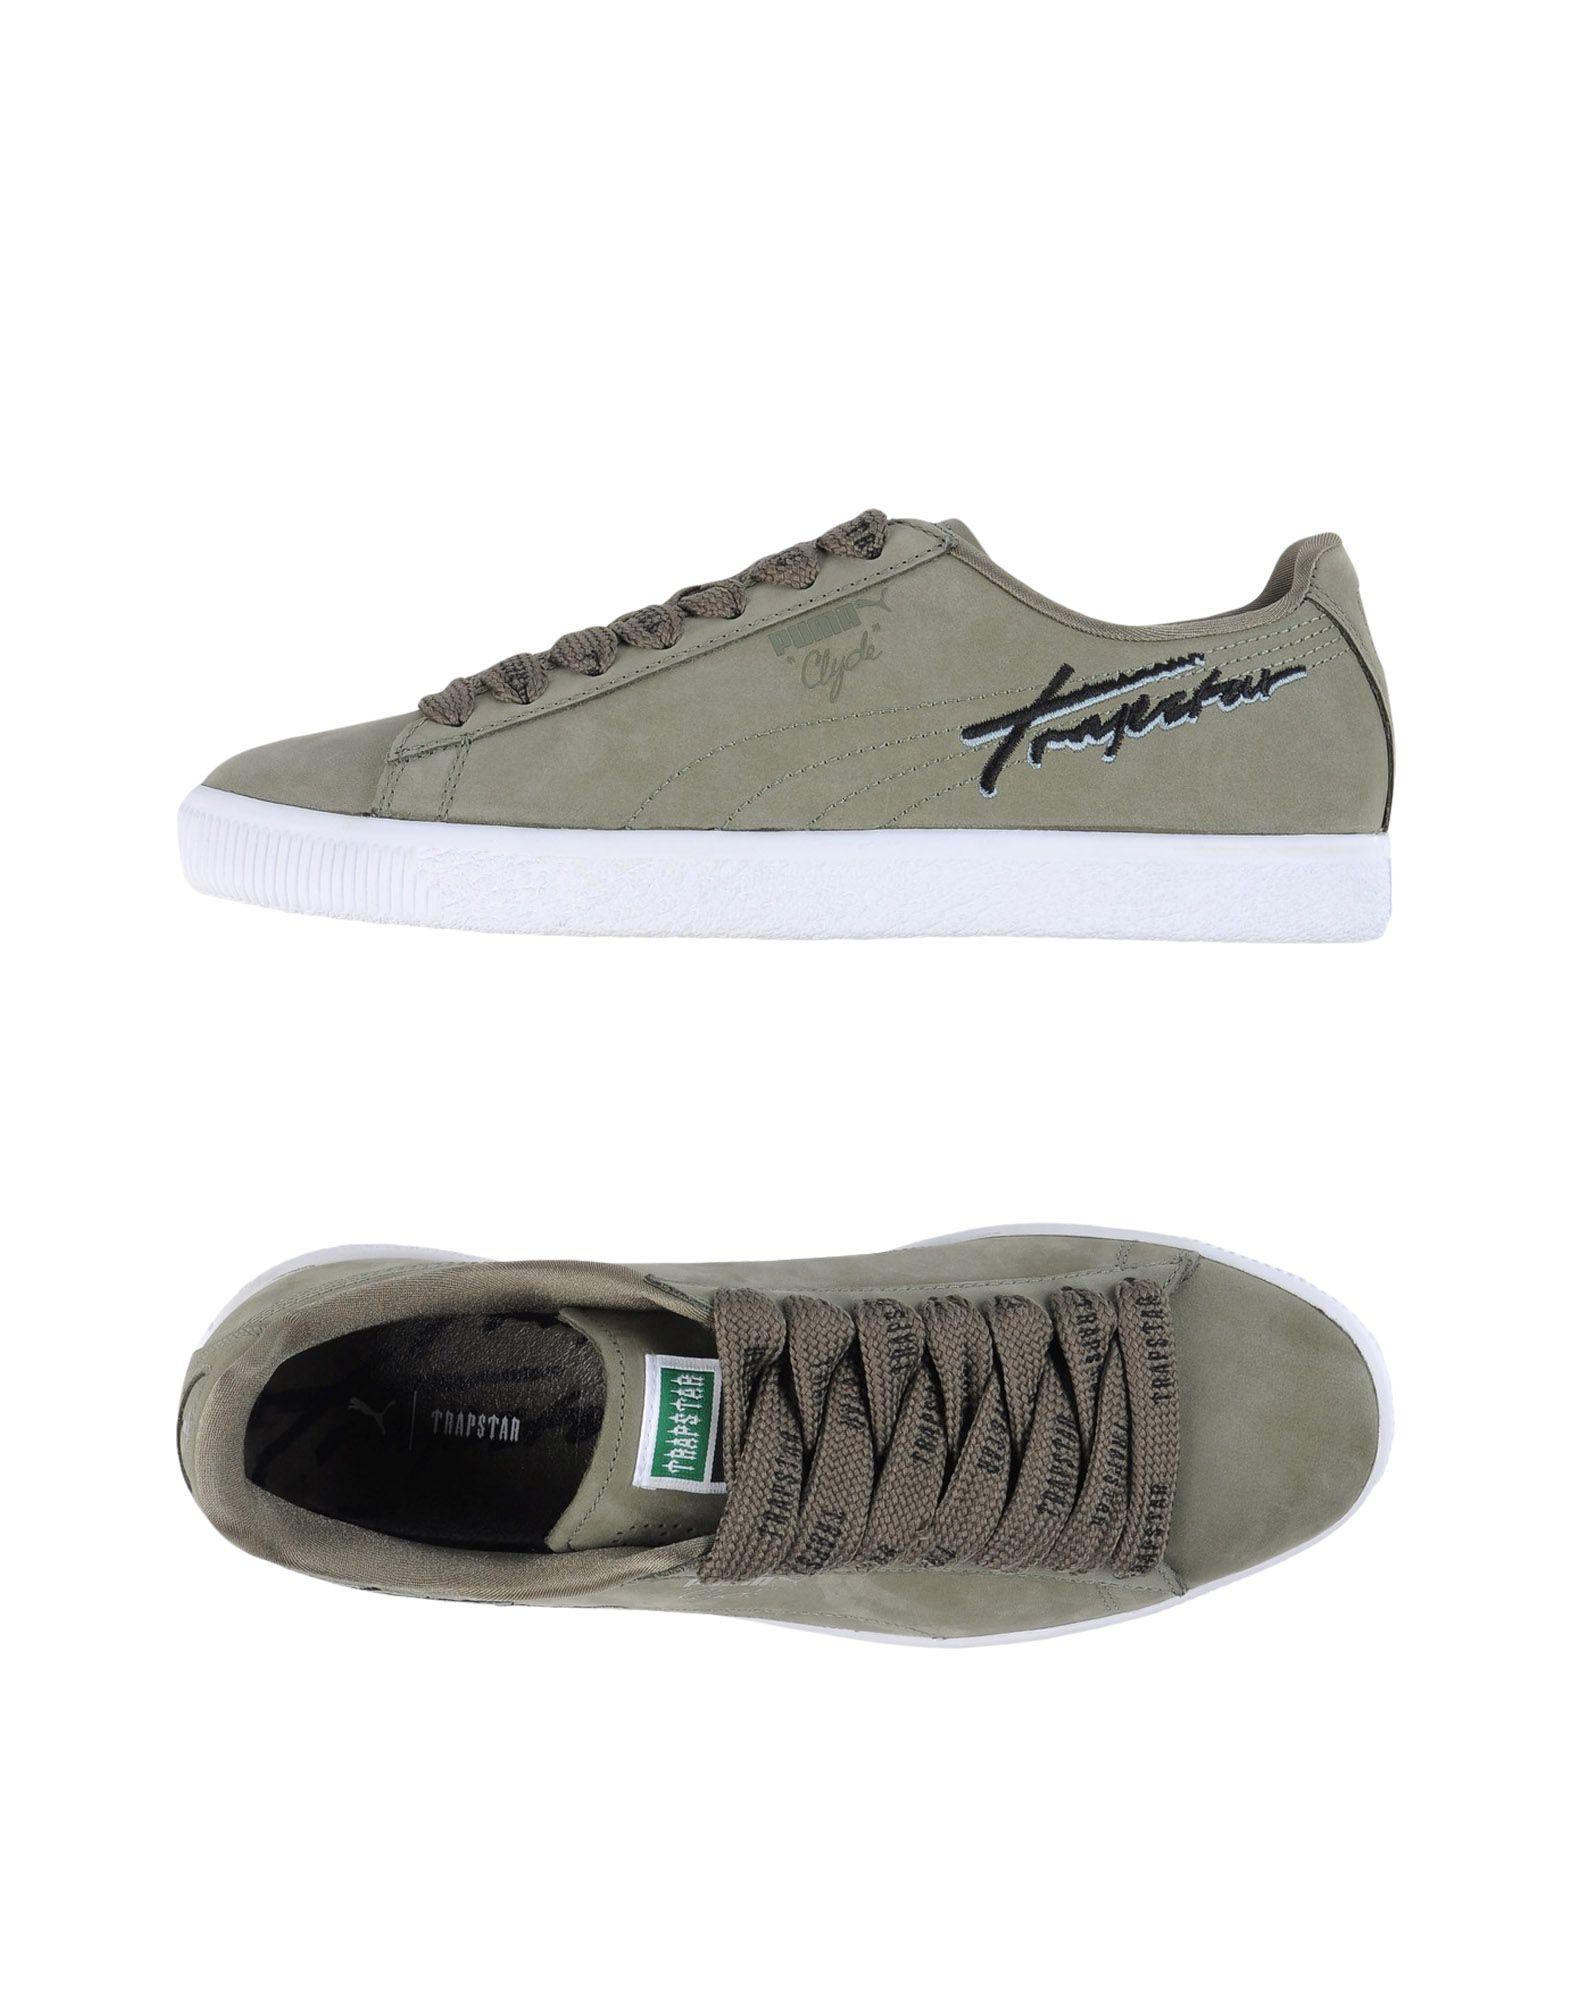 Puma X Trapstar Trapstar Trapstar Sneakers Herren  11343811GA Neue Schuhe 4907f9